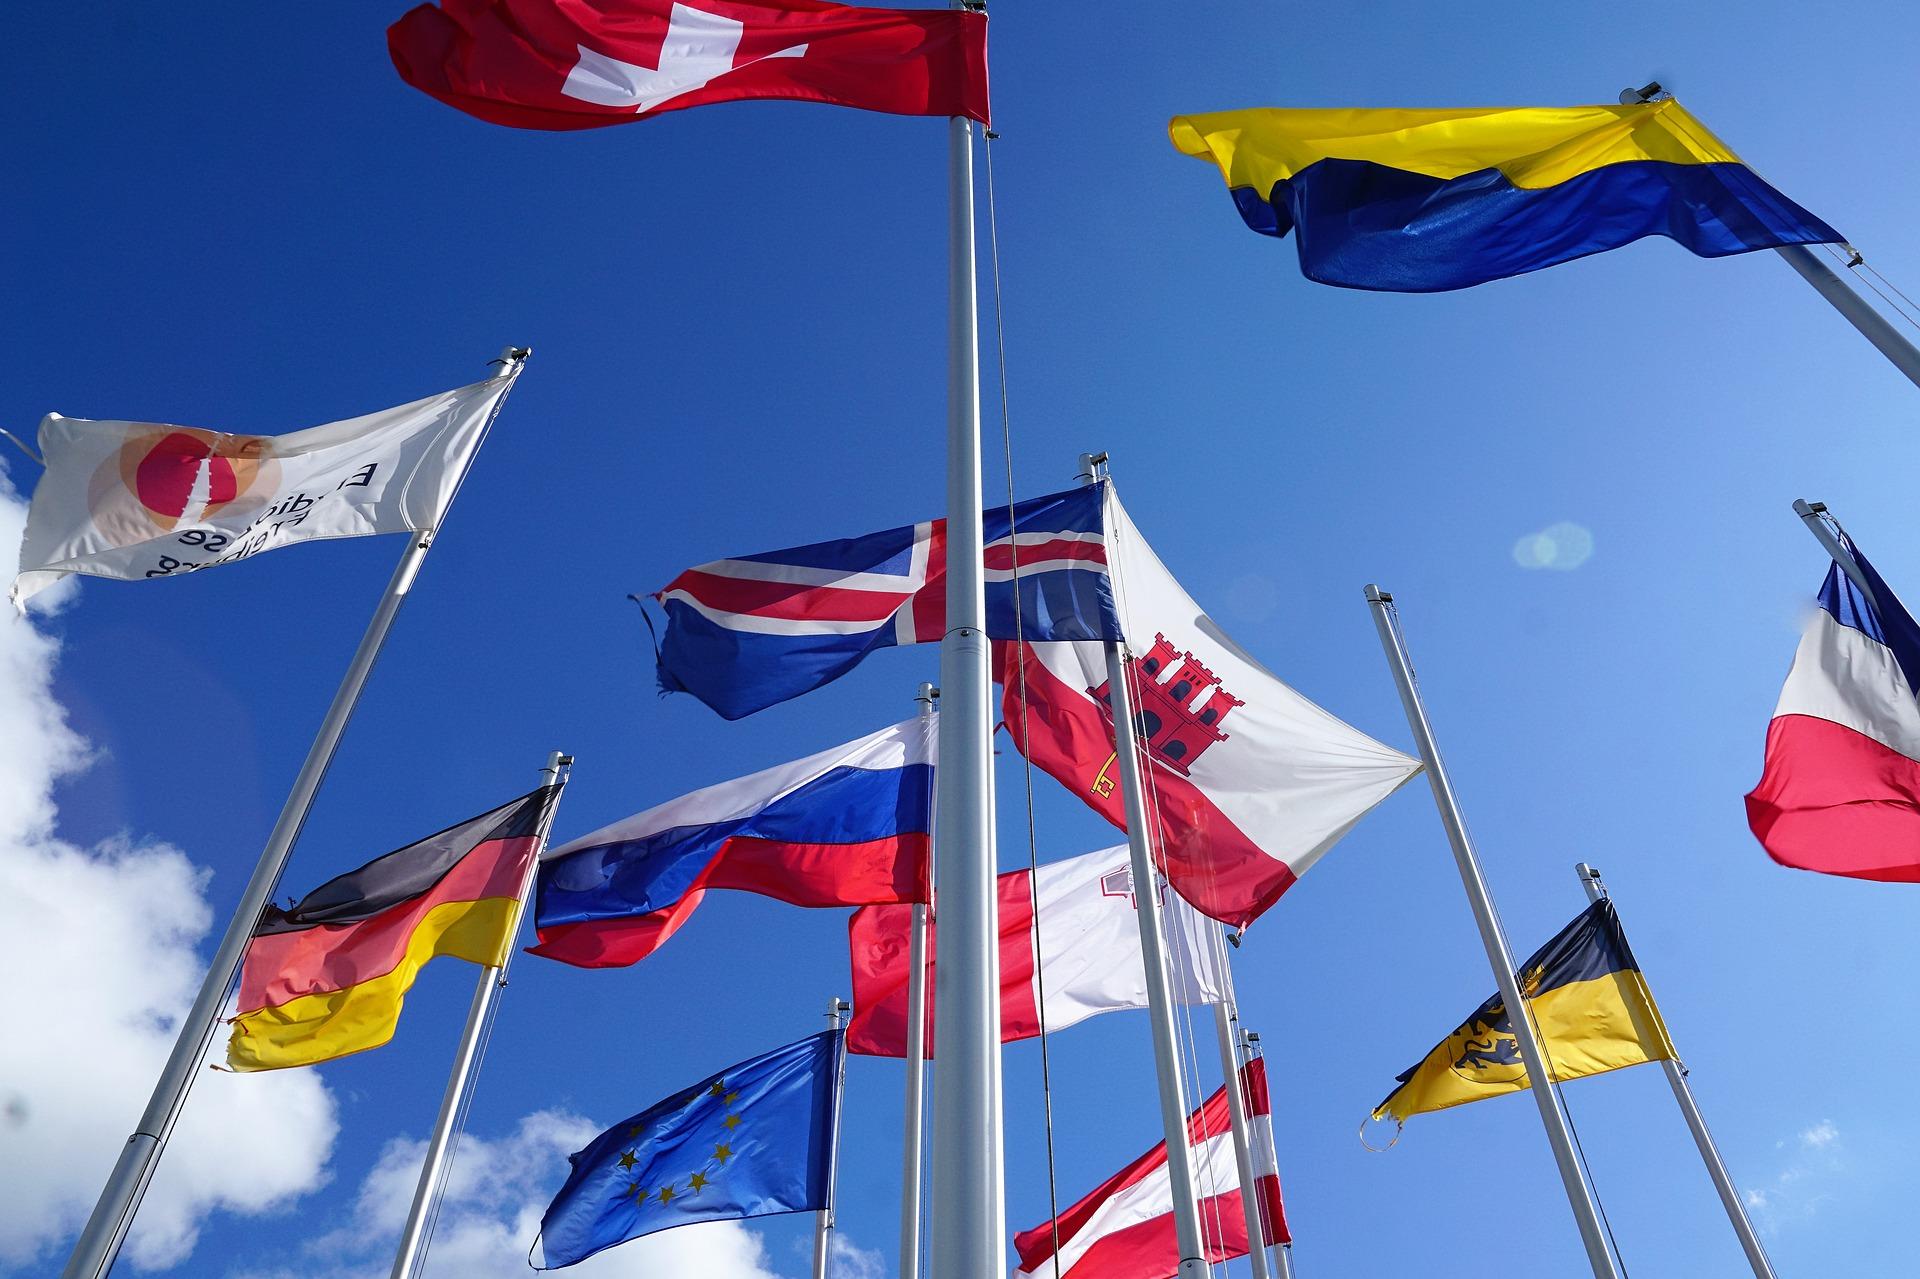 L'intégration non-adhésive de la Suisse à l'Union européenne